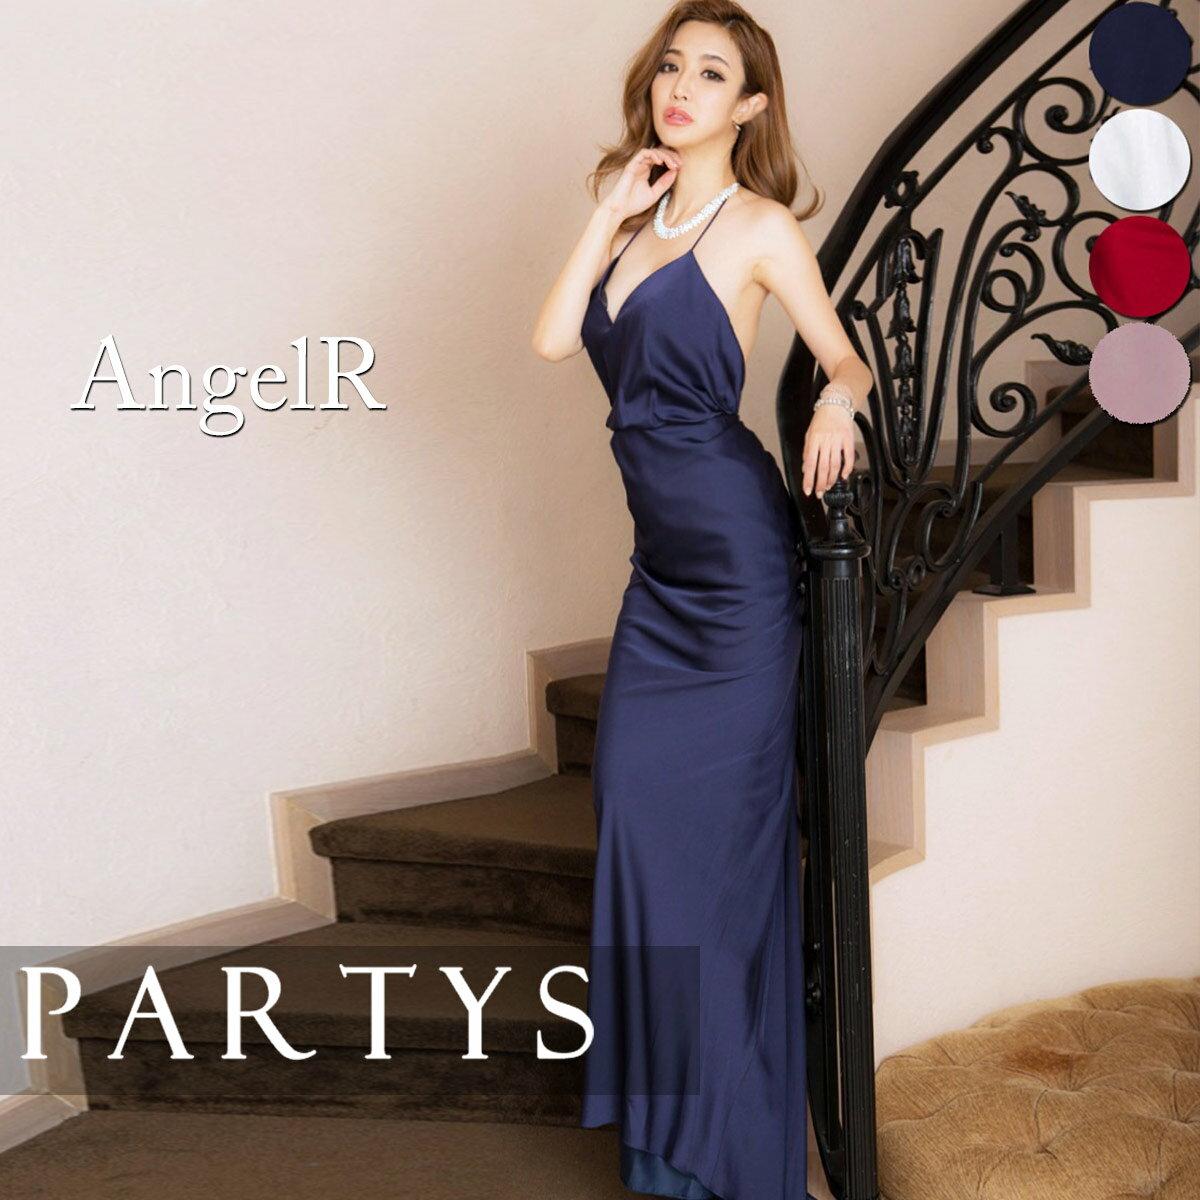 [ 送料無料 ][ あす楽 ][ Angel R ] シンプル ホルターネック ドレス ロングドレス キャバドレス | あす楽対応 キャバクラ キャバ嬢 バースデー 人気 かわいい 演奏会 ピアノ 大人 パーティー レディース 高級 結婚式 セクシー mmcwh_